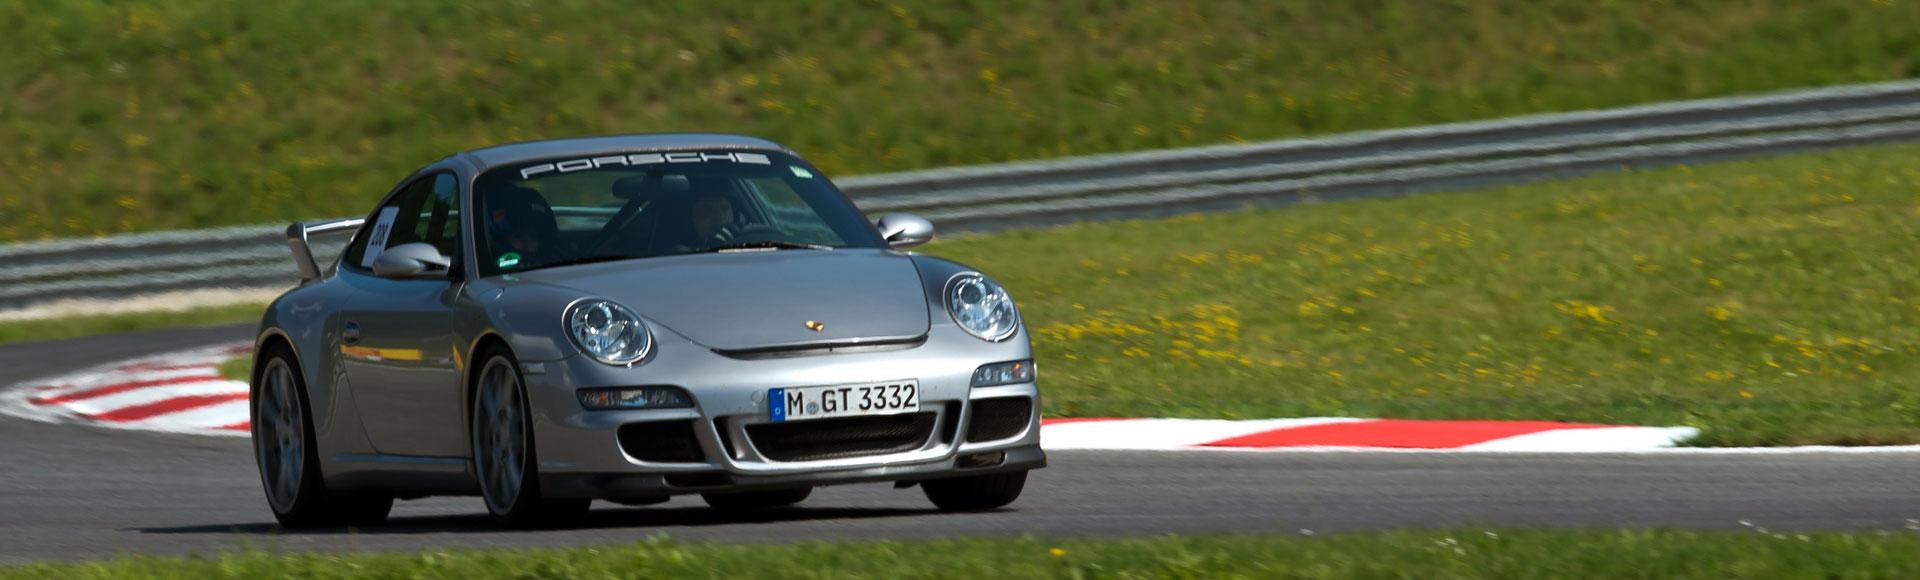 Porsche 997 GT3 2007 Sommer 0364